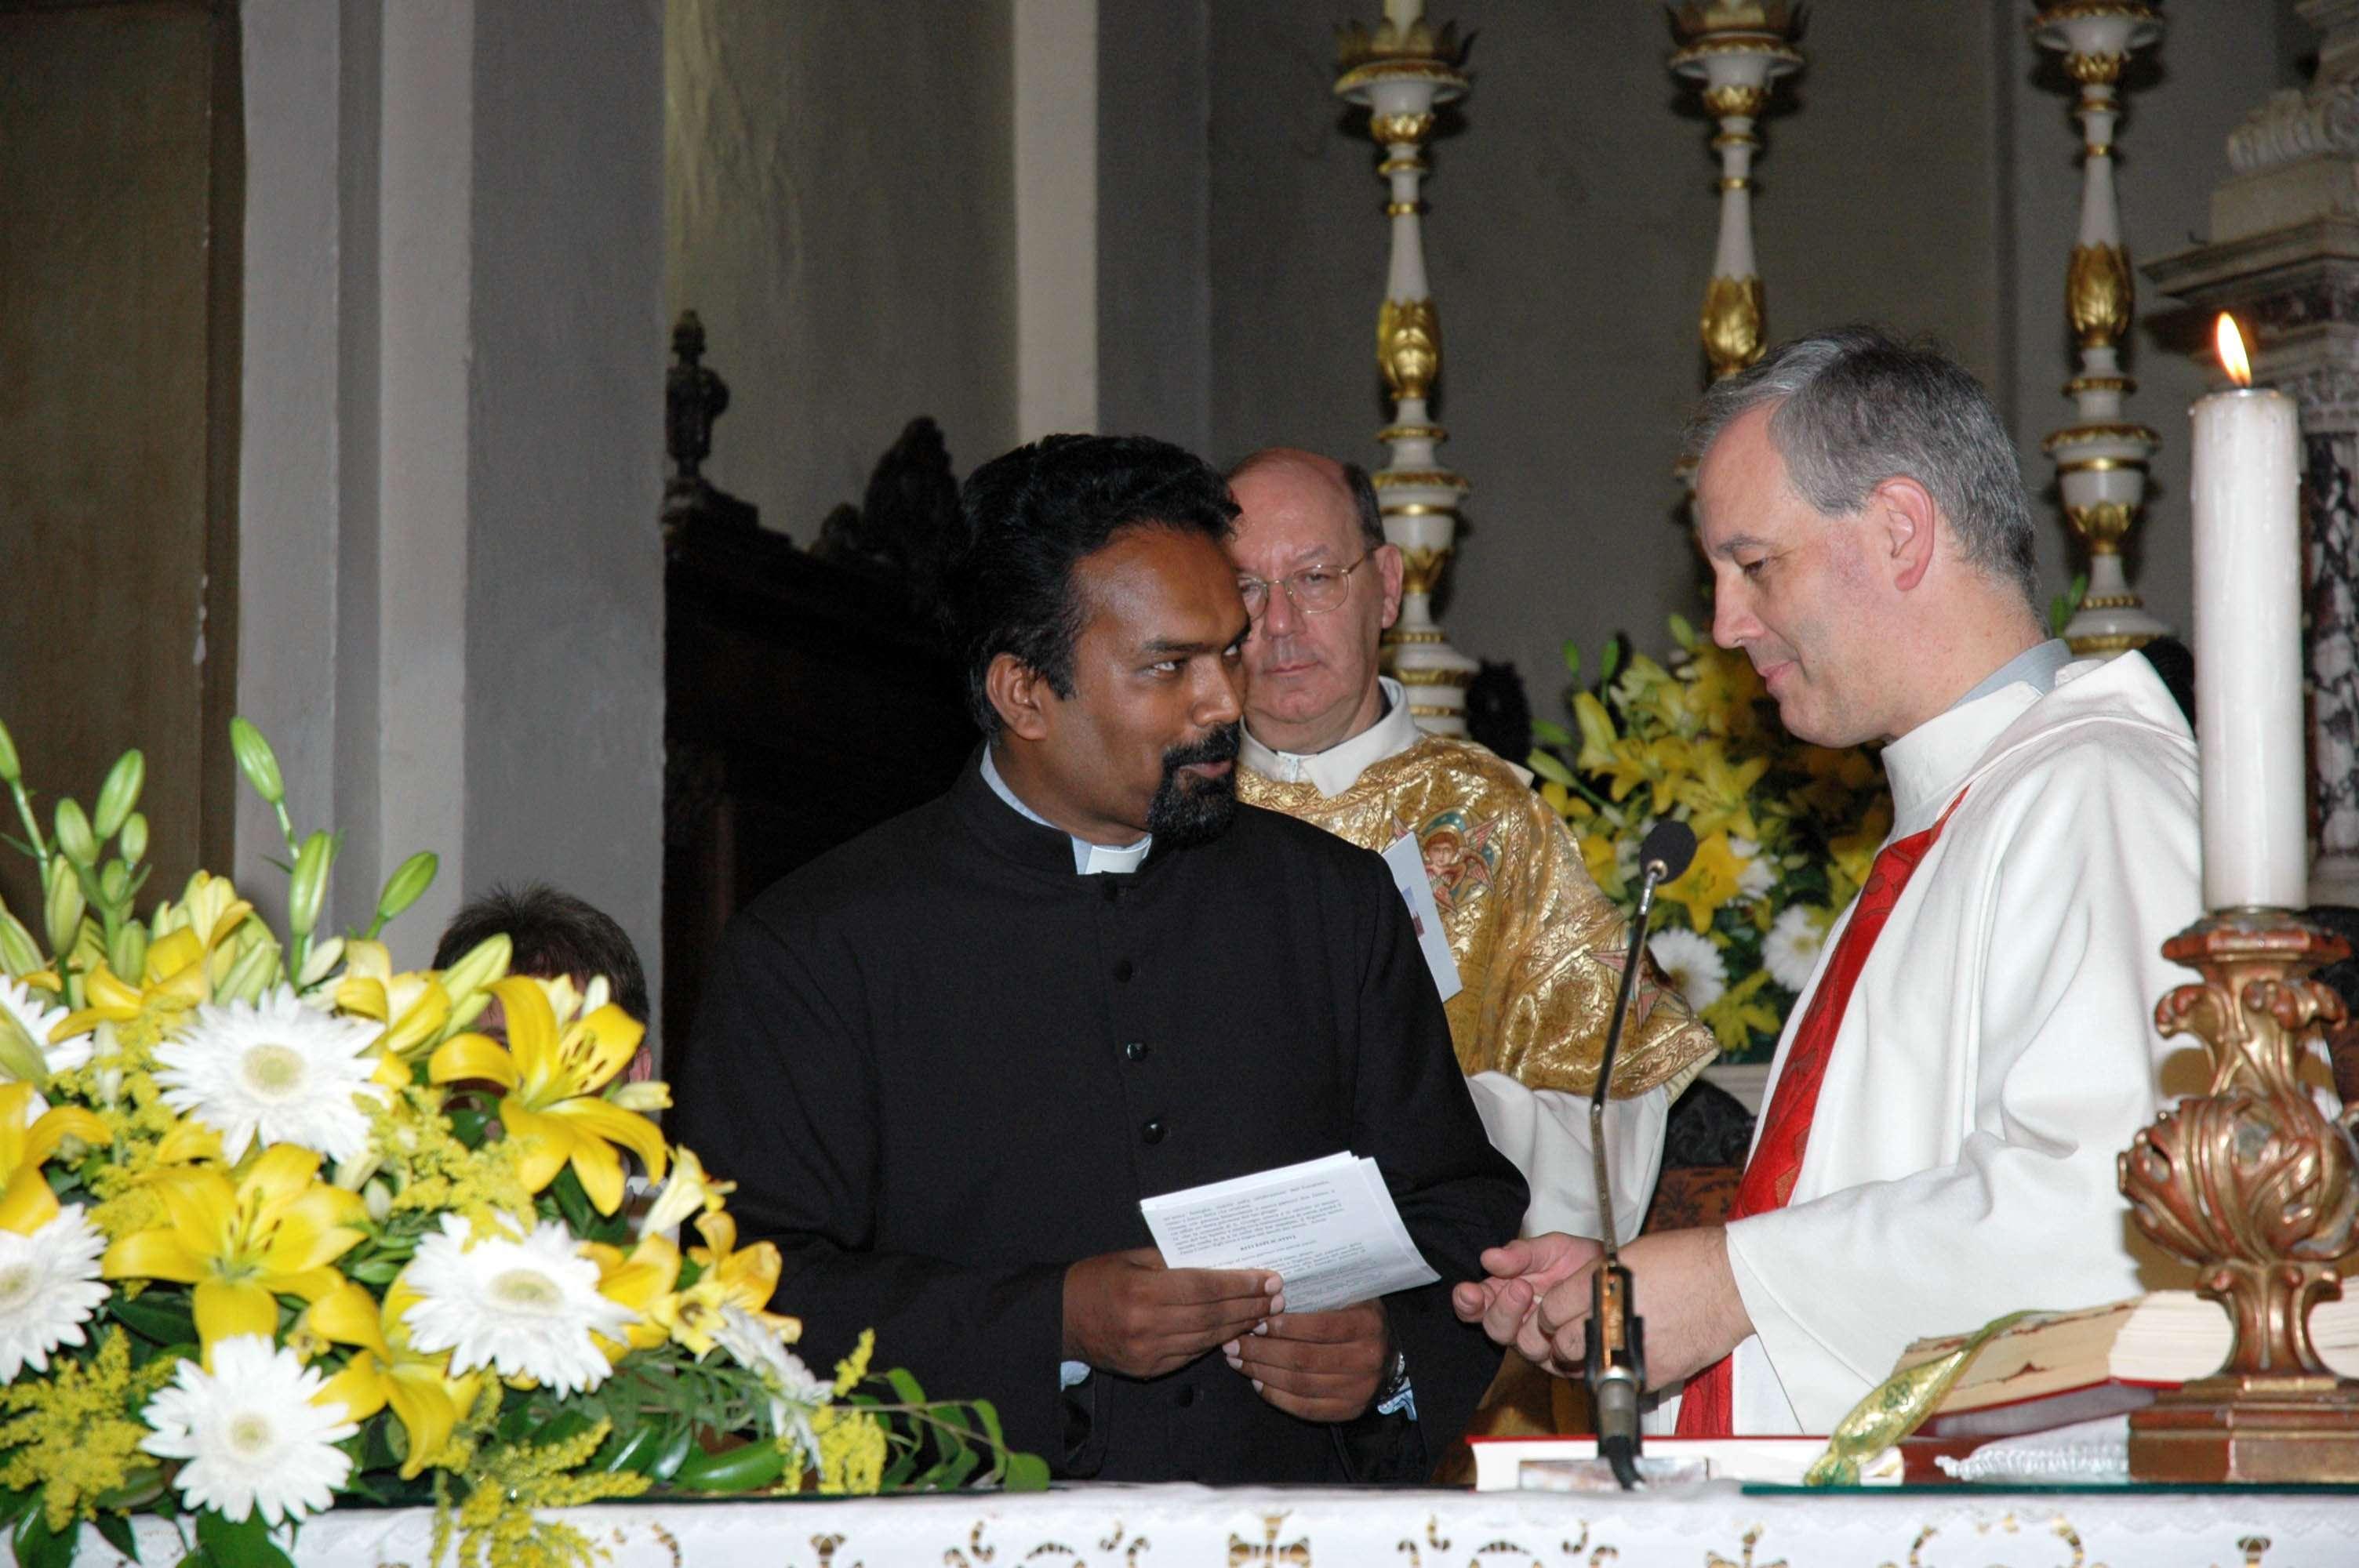 L'ingresso A San Giorgio di don James Paradiyil il 30 settembre 2012, con lui don Antonio Sona